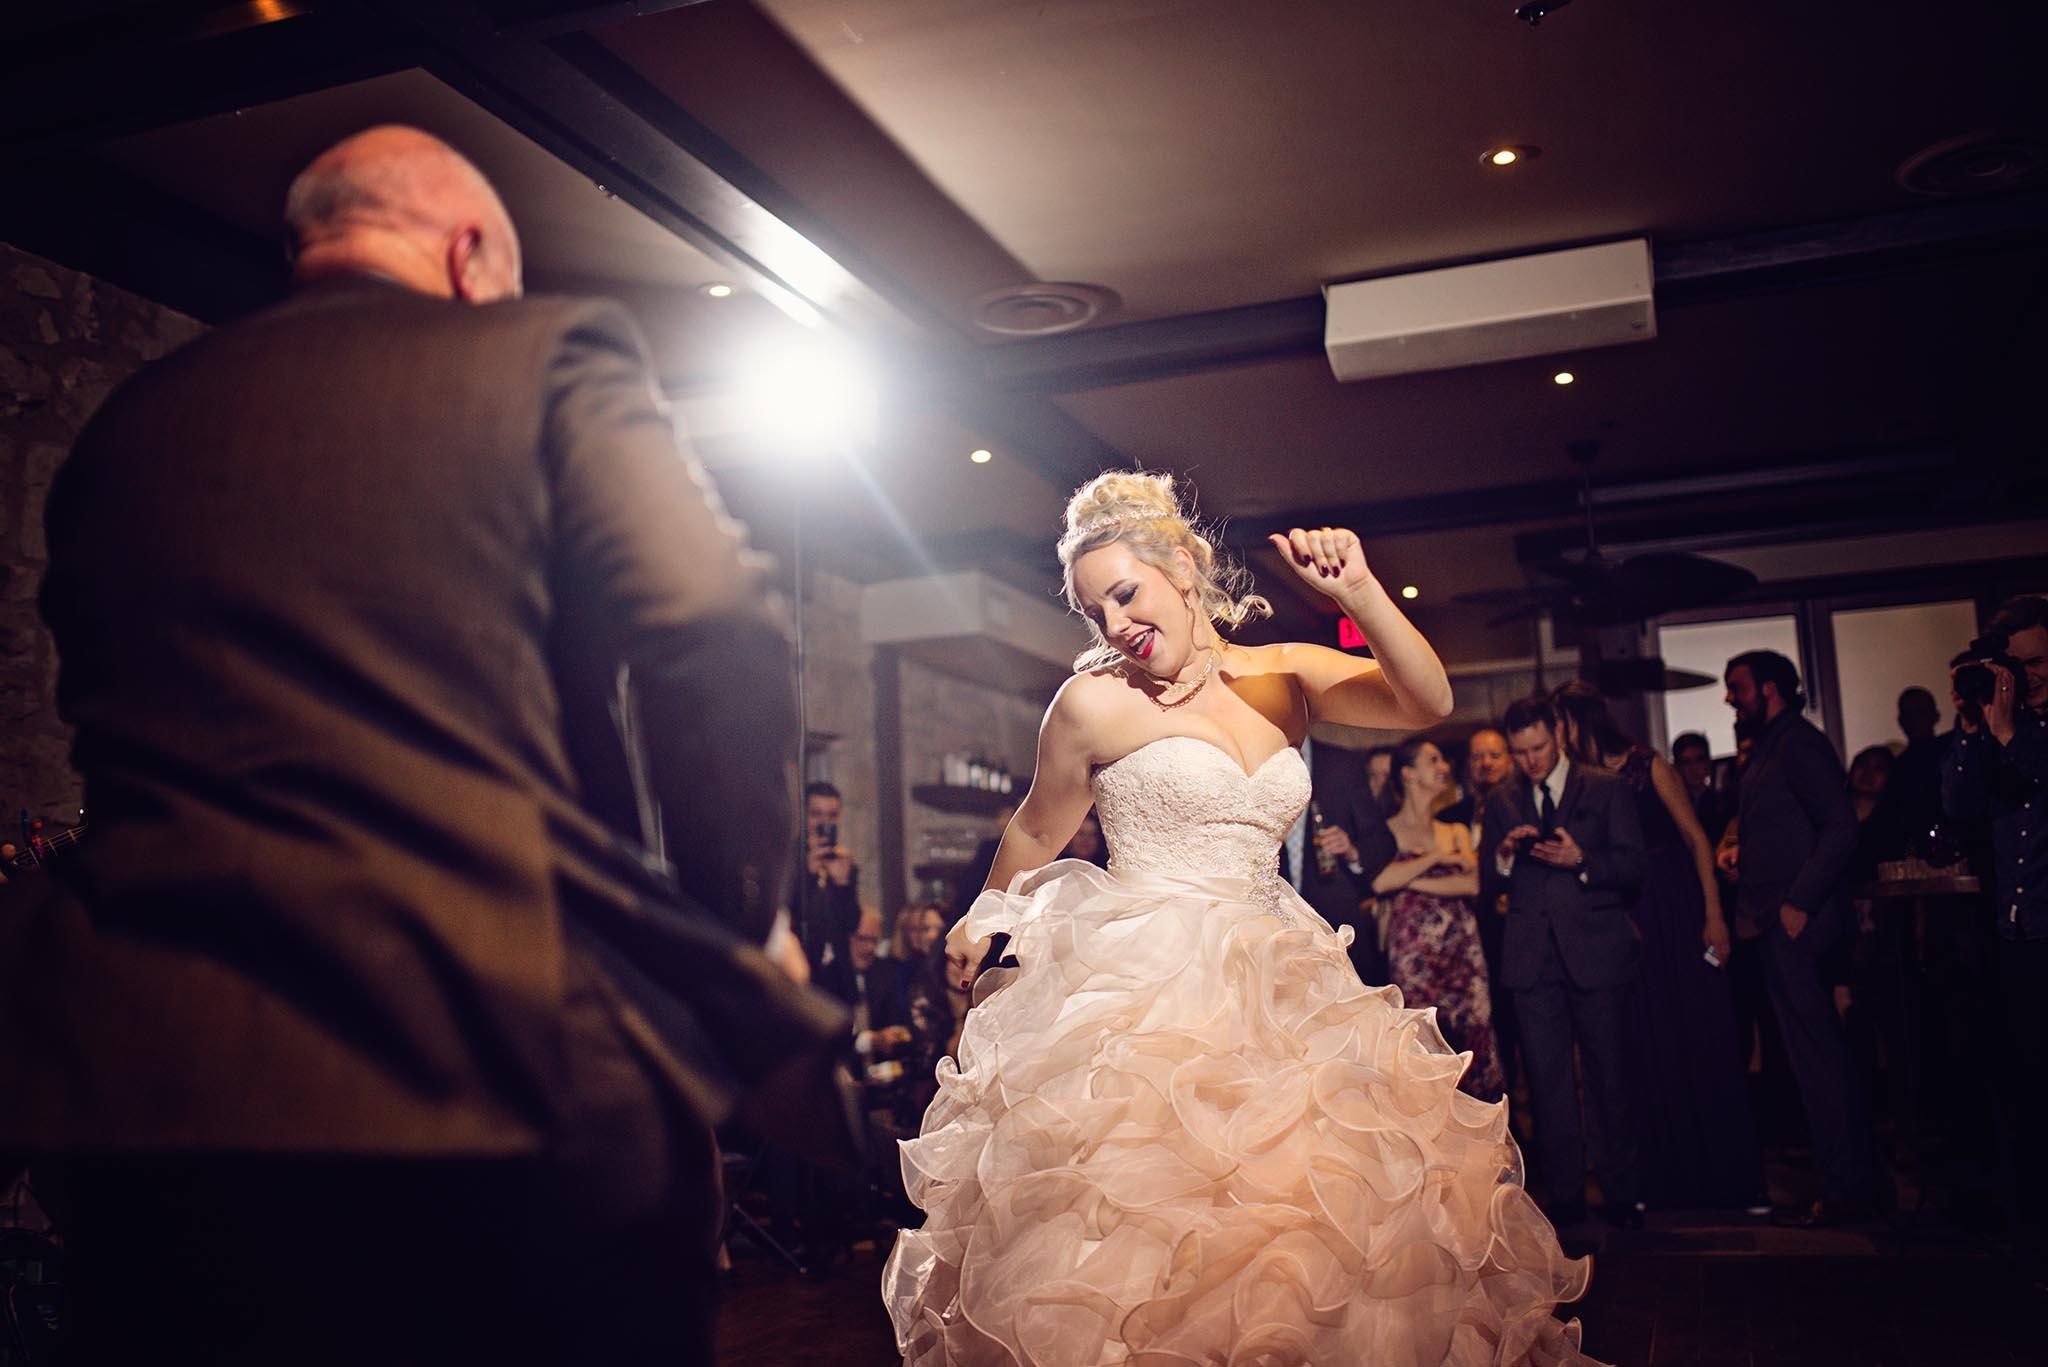 Peter-Bendevis-Photography-Kris-Laura-Cambridge-Mill-Winter-Wedding37